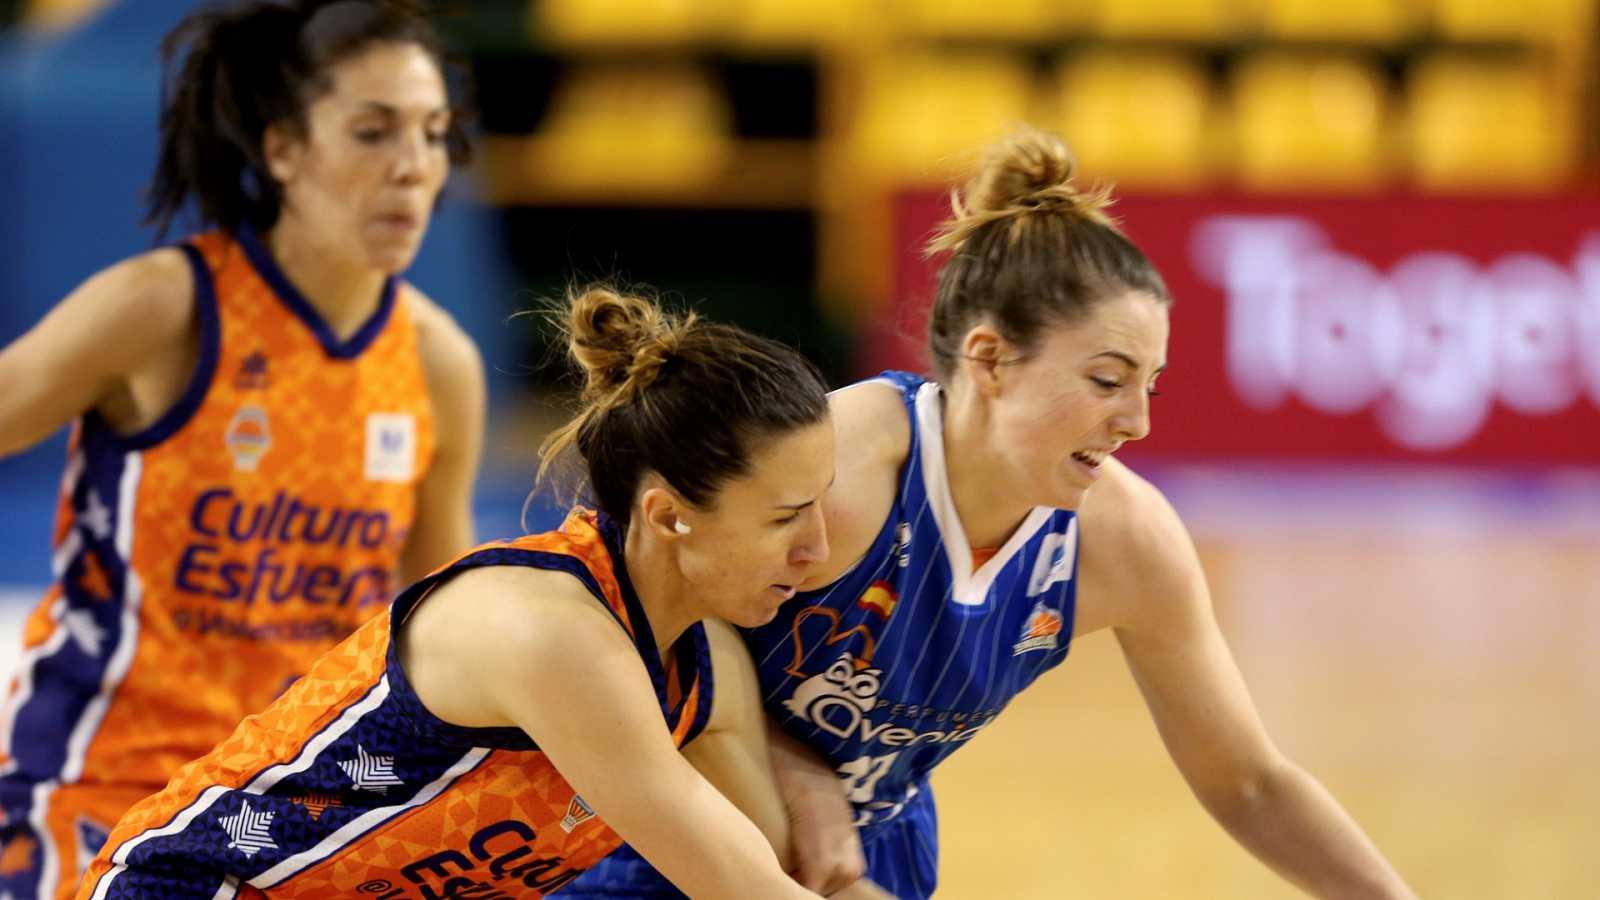 Baloncesto - Liga femenina Endesa. Play off final 1er. partido: Perfumerías Avenida - Valencia Basket - ver ahora